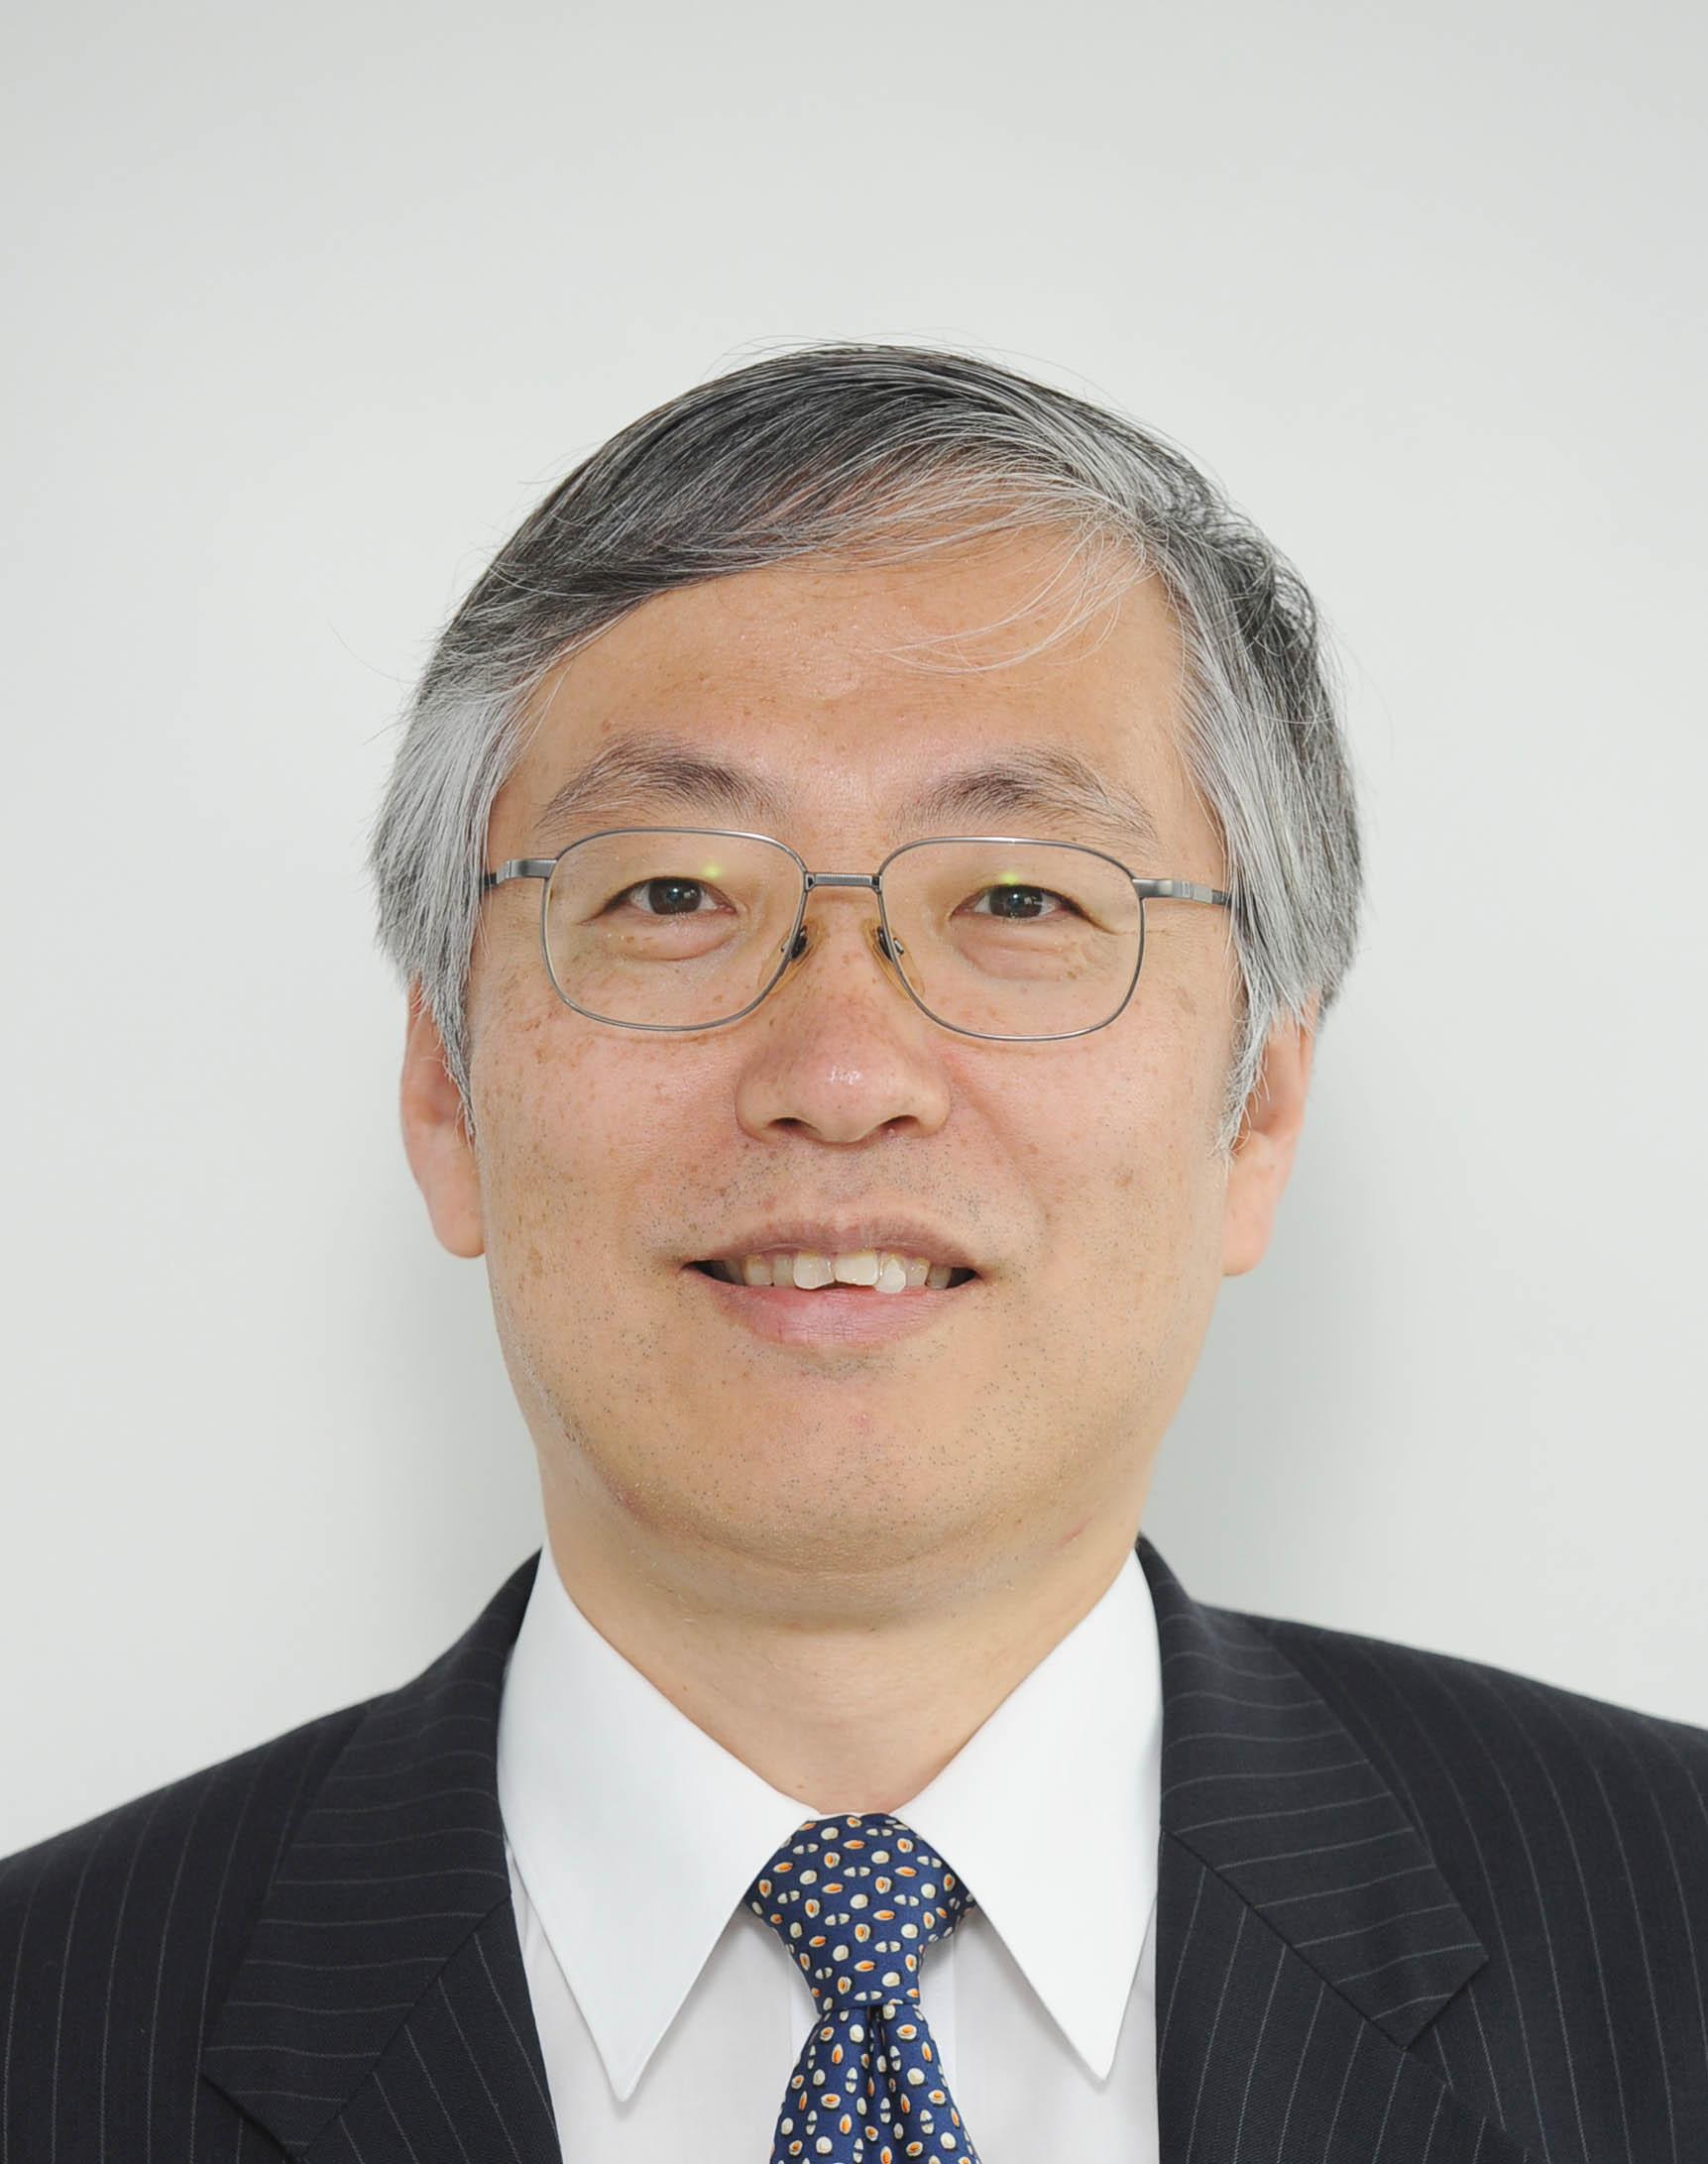 Yoichi Takita